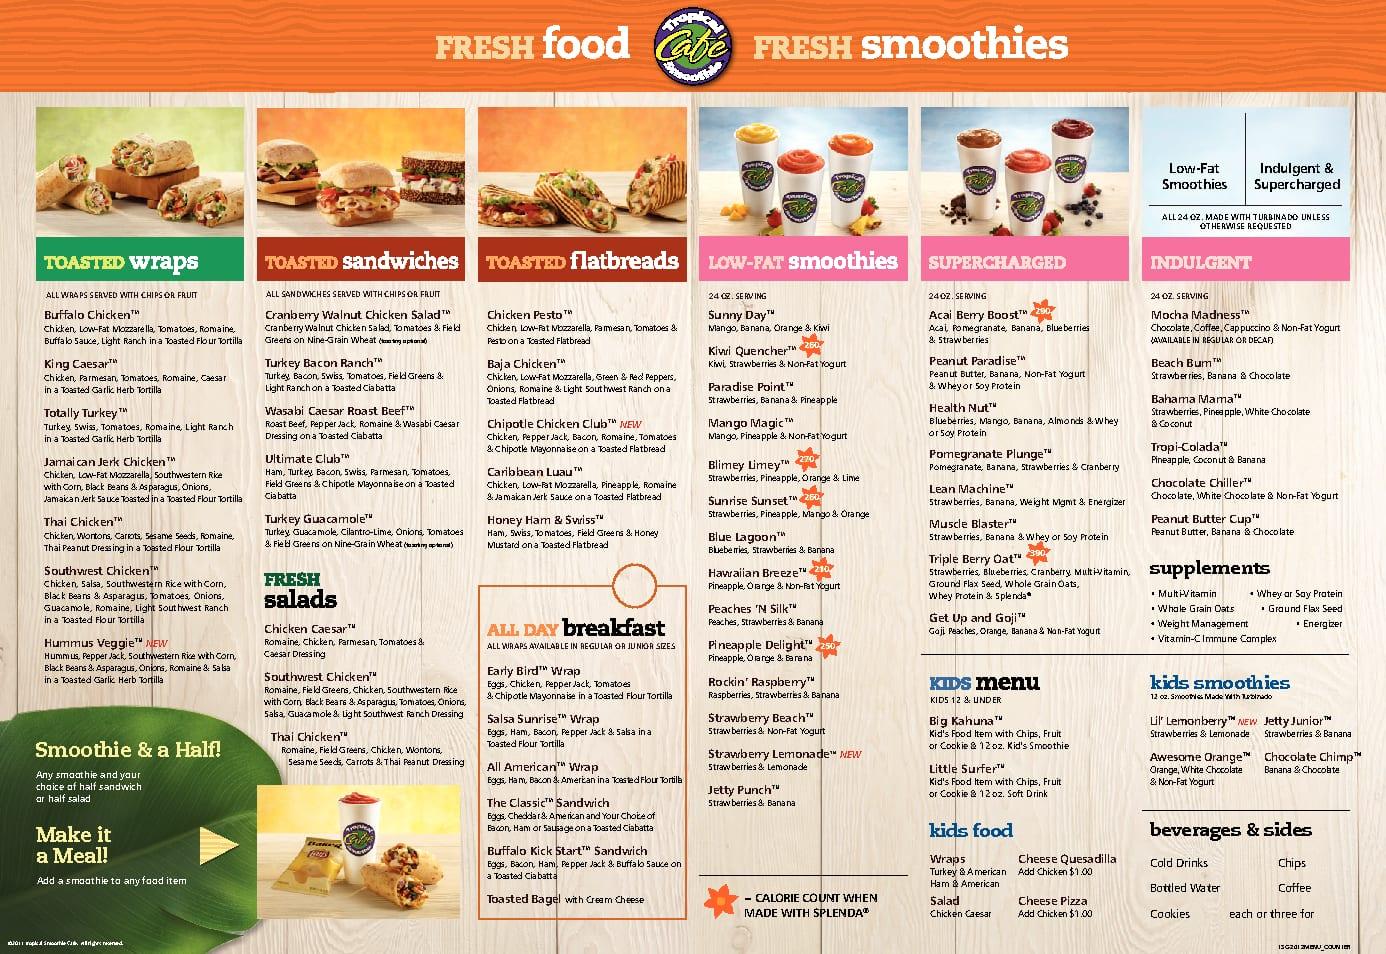 Tropical Smoothie Cafe Ankeny Menu